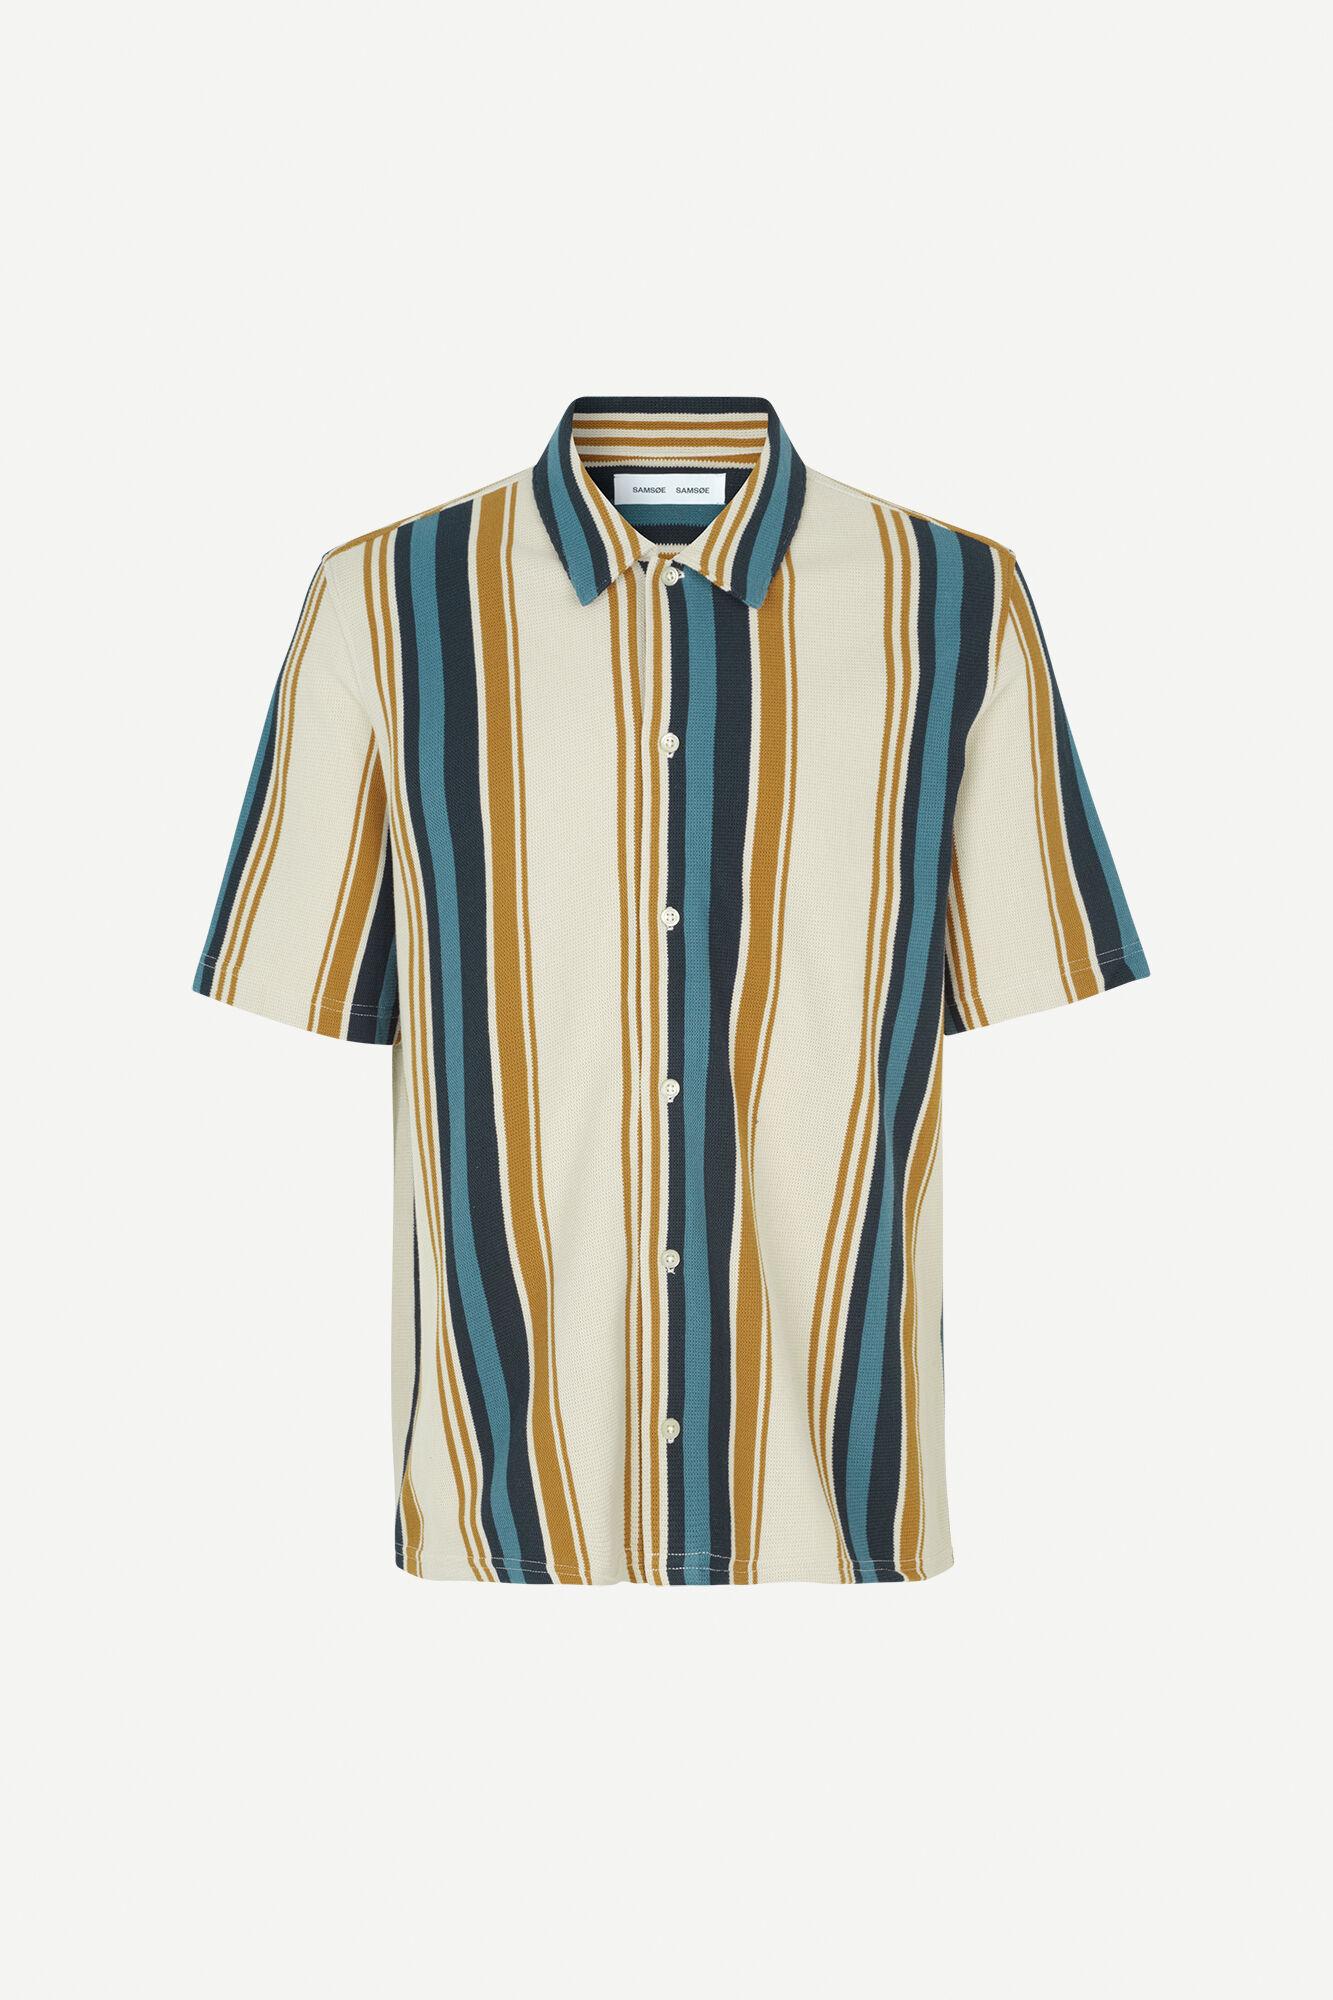 Kvistbro shirt st 11565, OVERCAST ST.